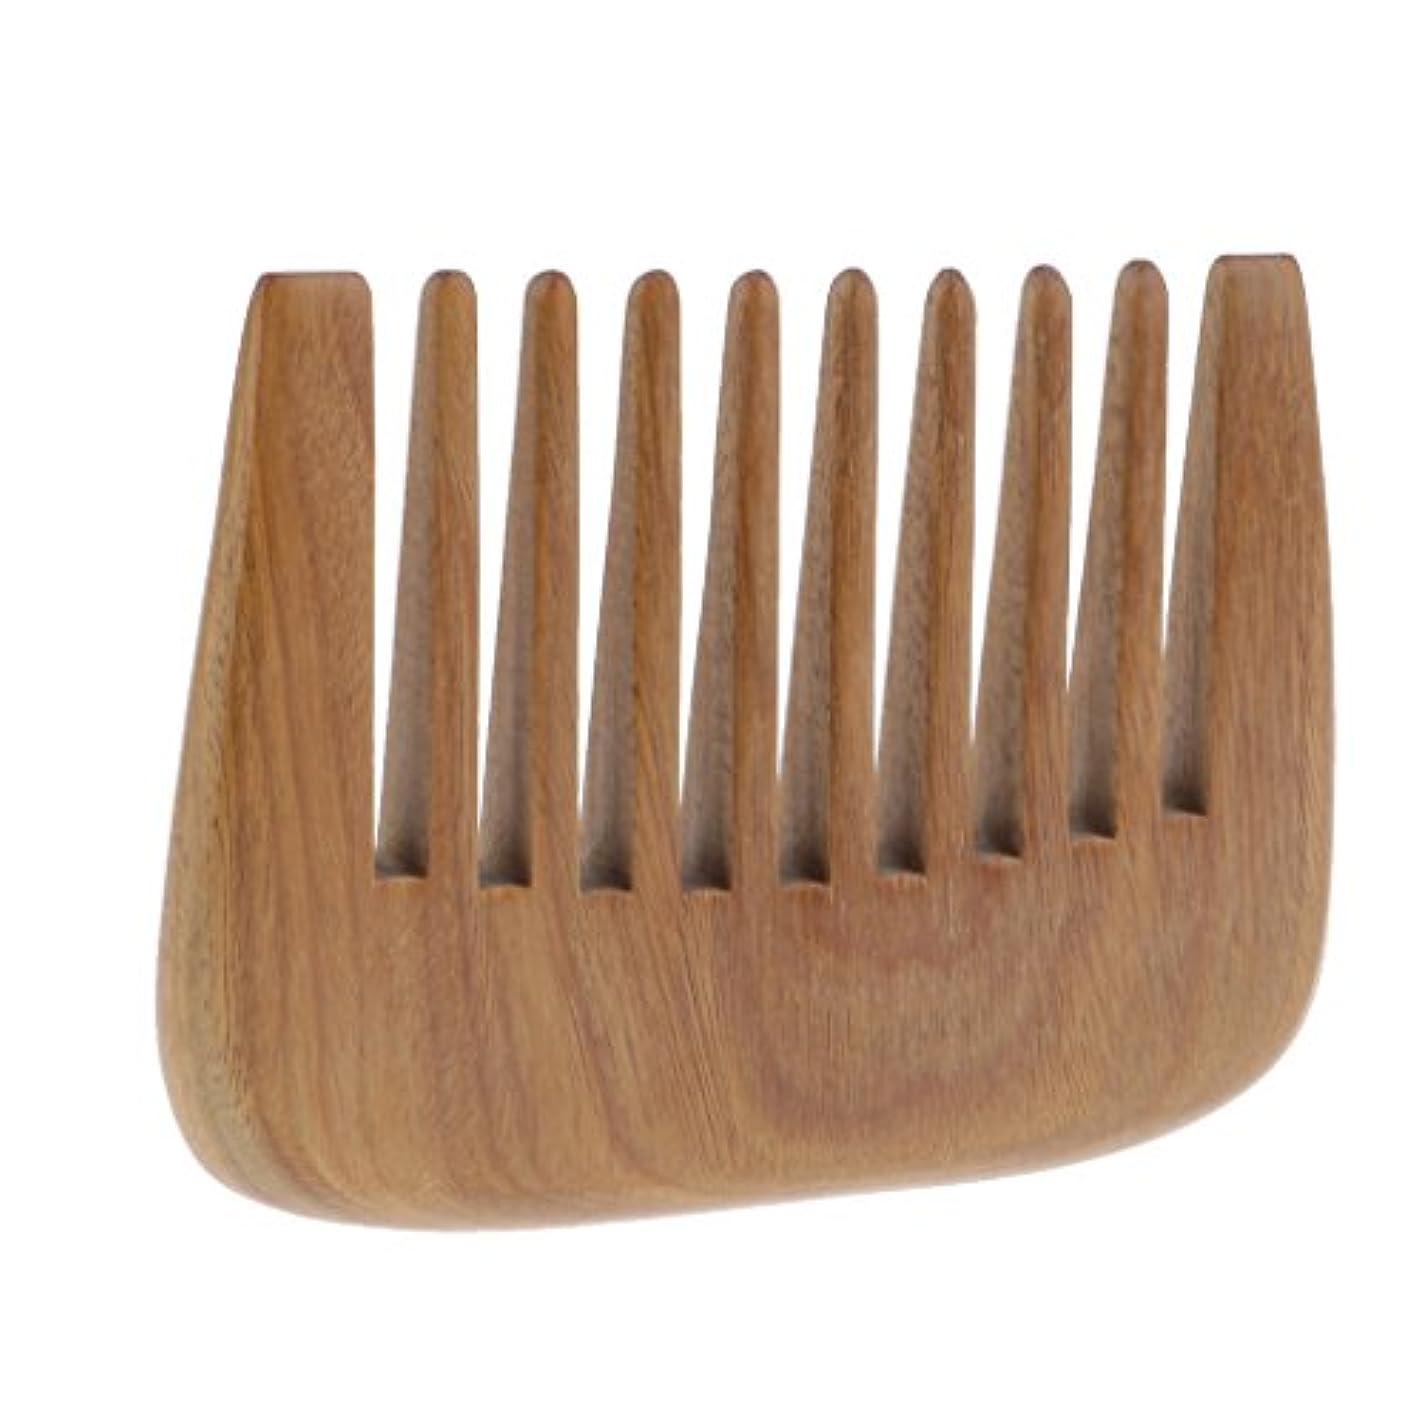 少数もっともらしい何もない木製の櫛の髪ピック広い歯ポケット髪の櫛の髪のもつれを解消する櫛毛マッサージャーブラシグリーン白檀